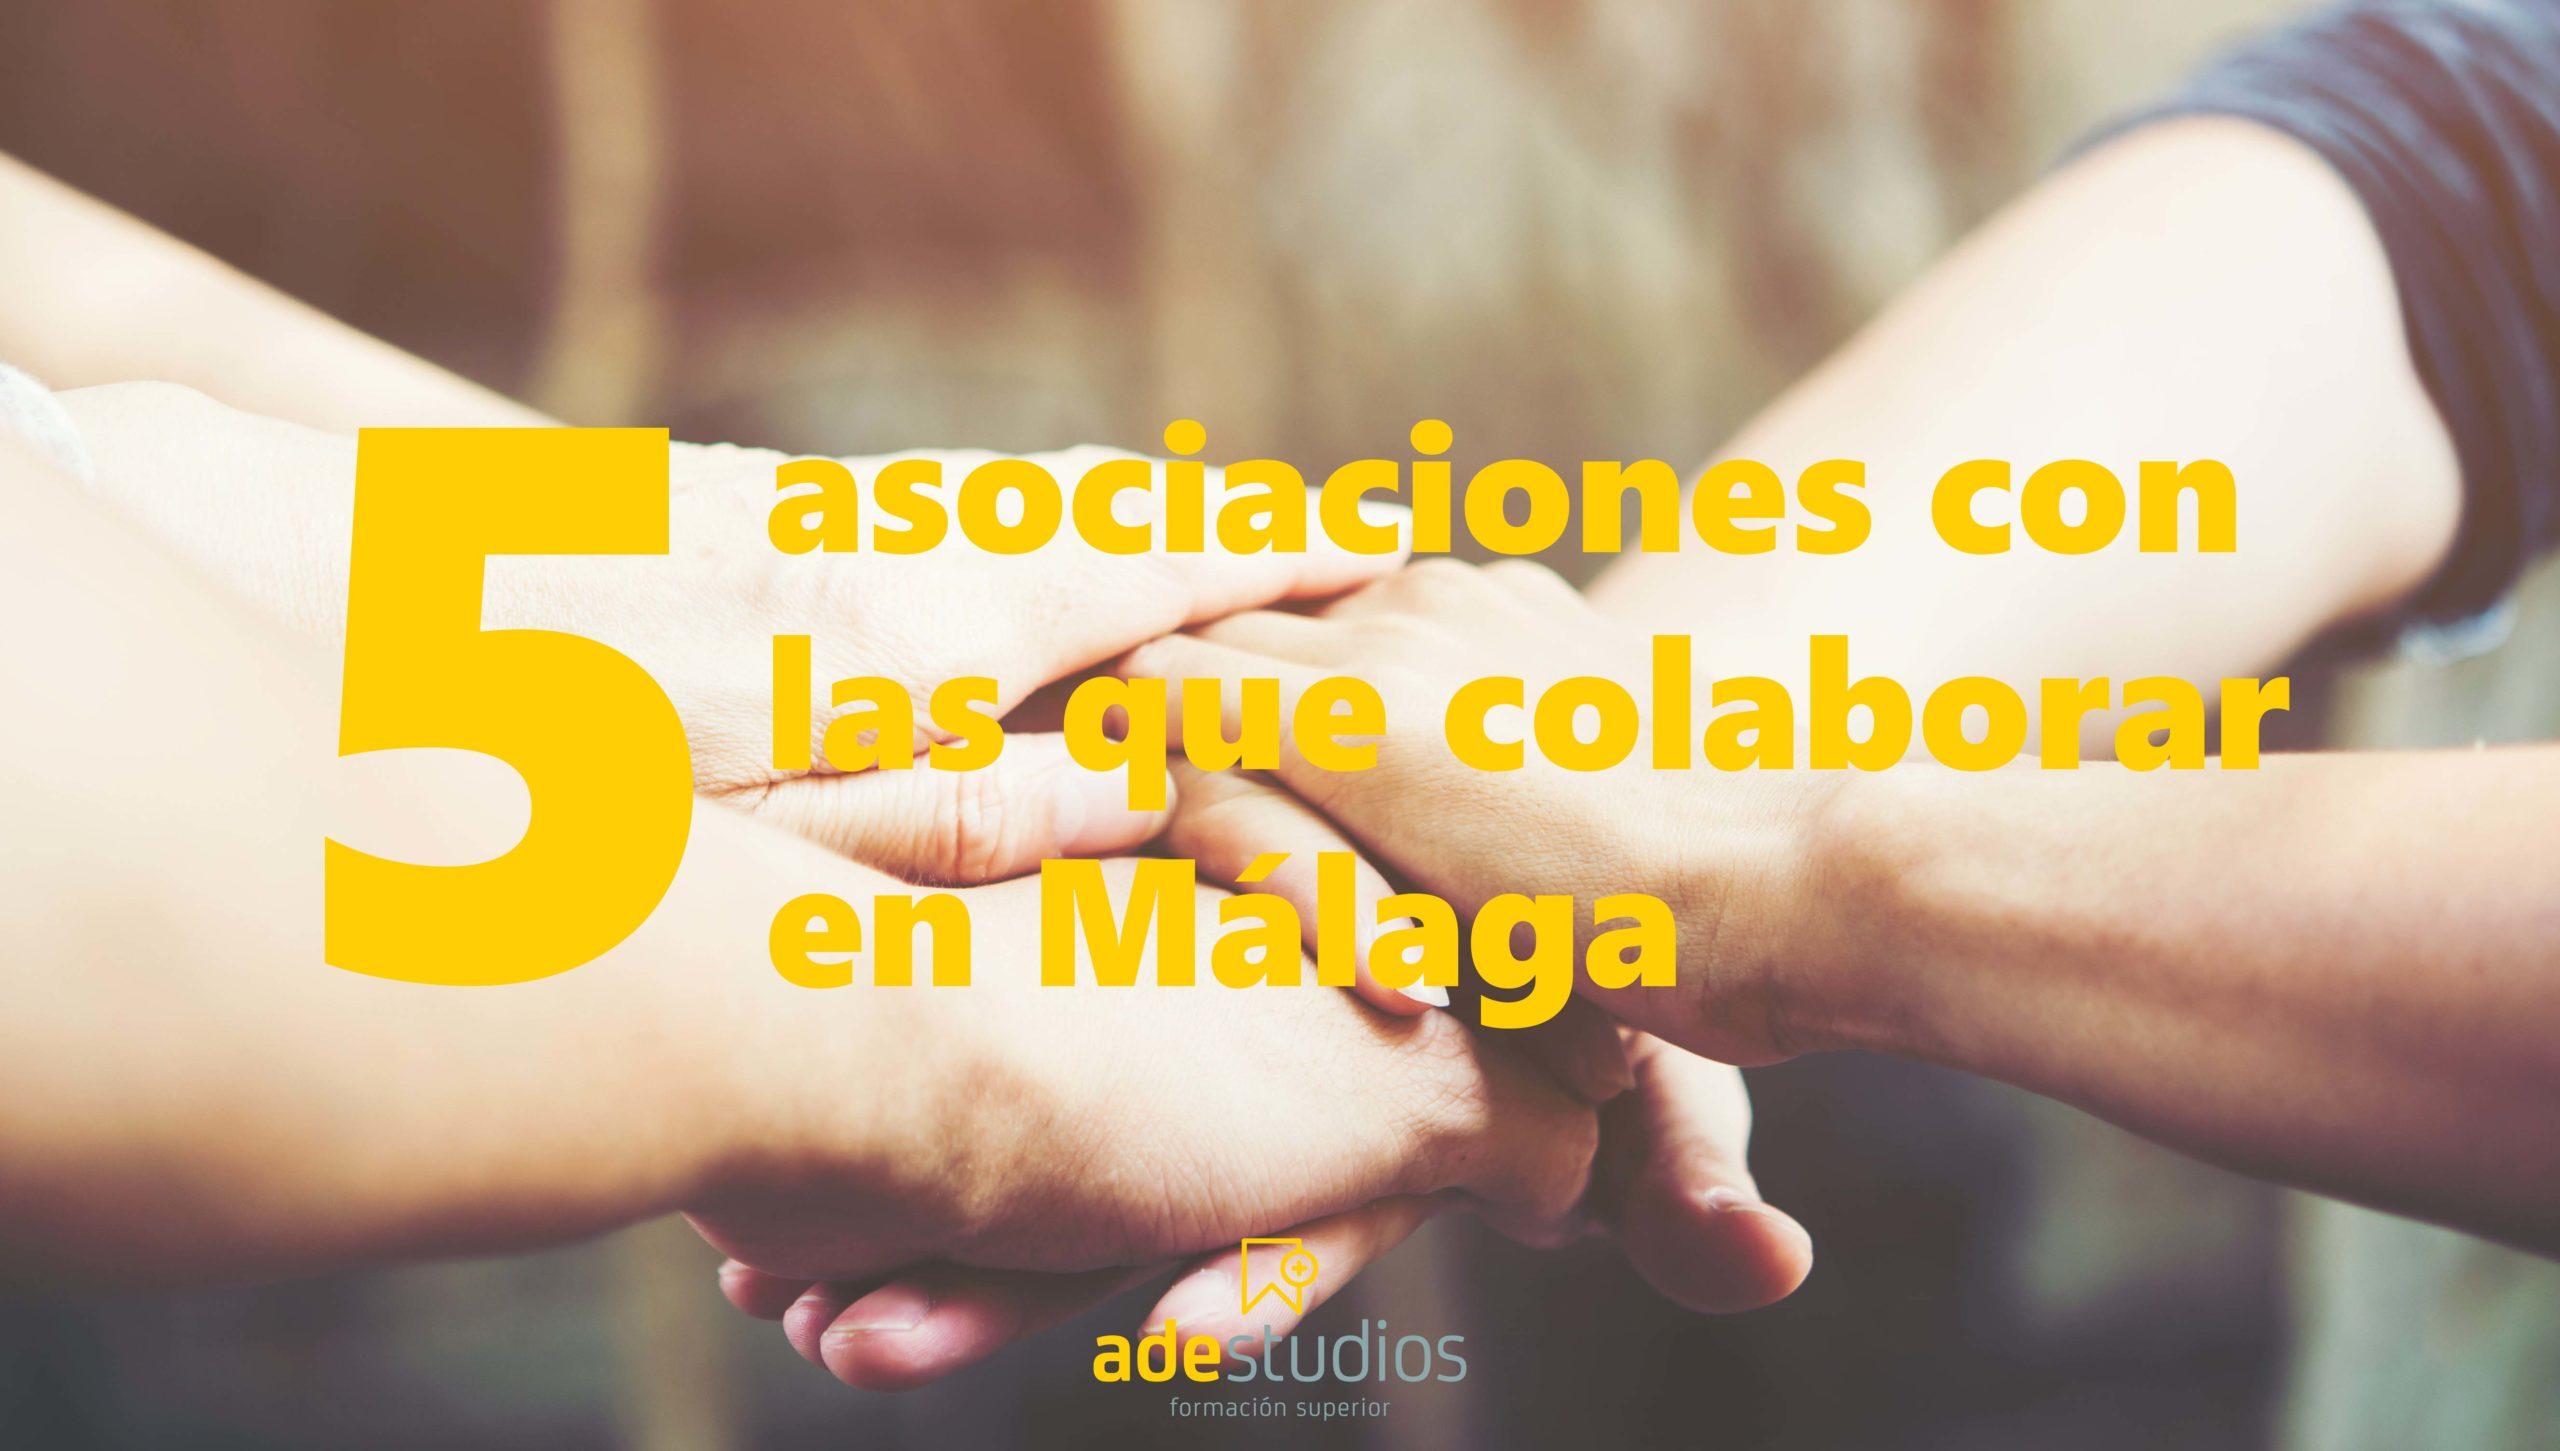 5 asociaciones con las que colaborar en Málaga